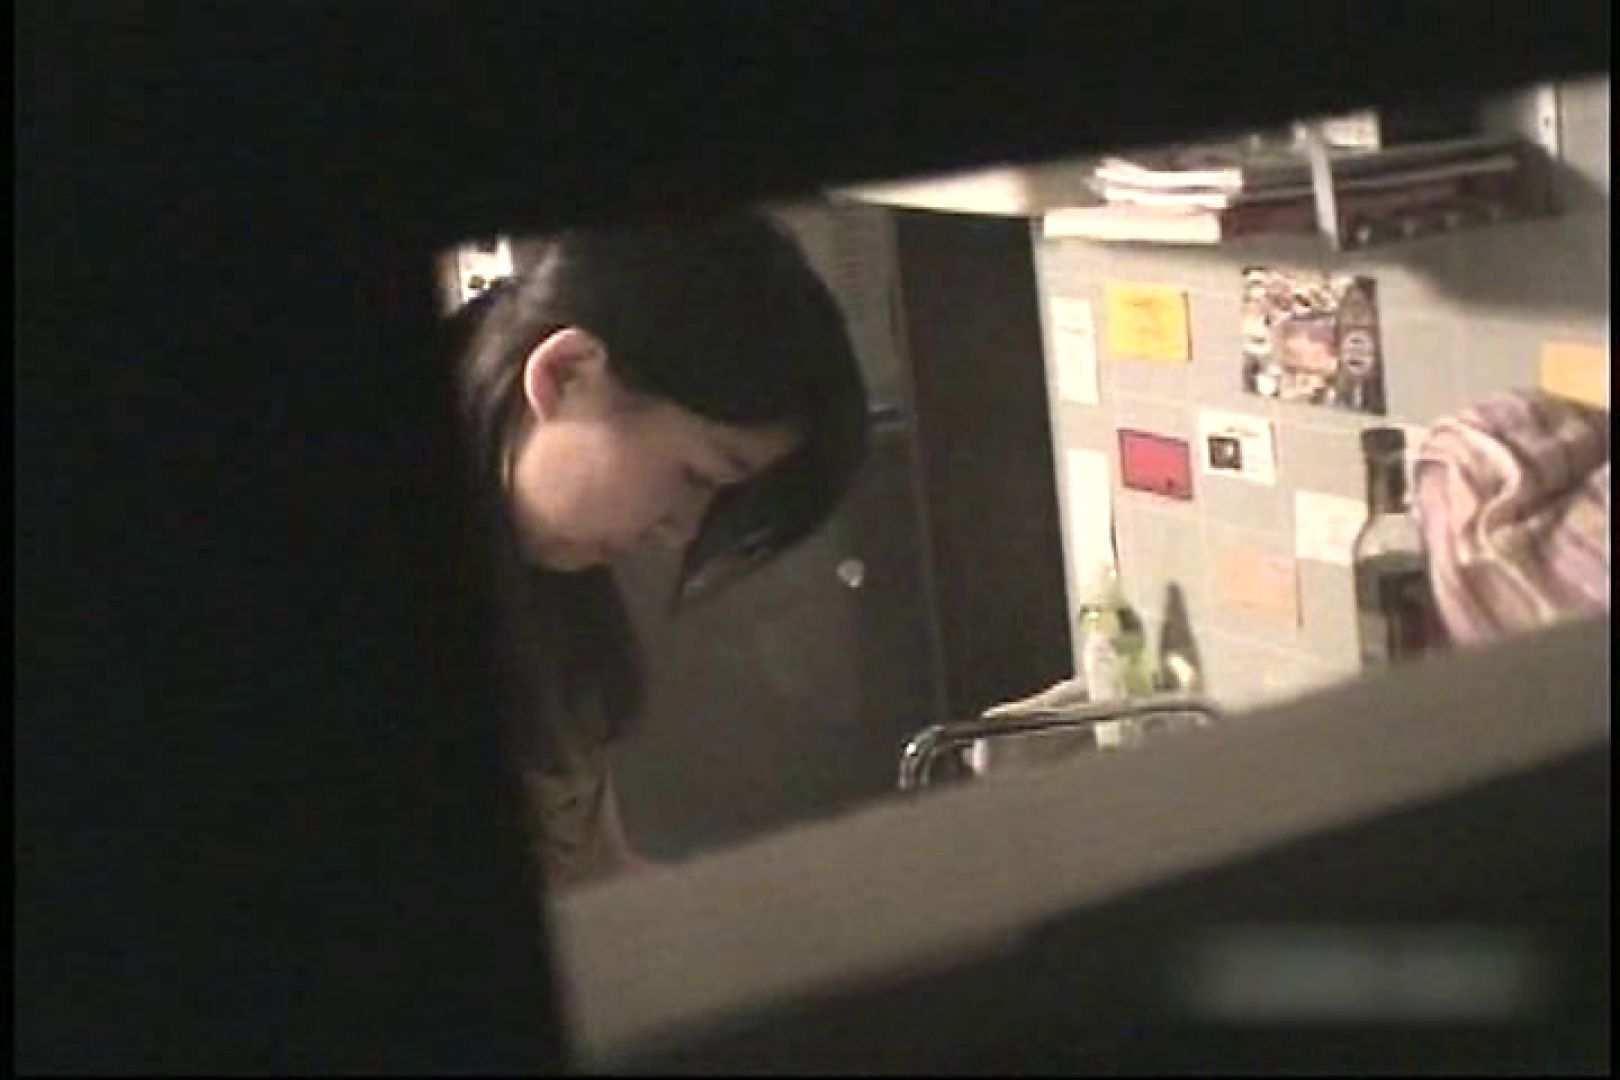 プライベートの極技!!Vol.15 エロいOL オマンコ無修正動画無料 113枚